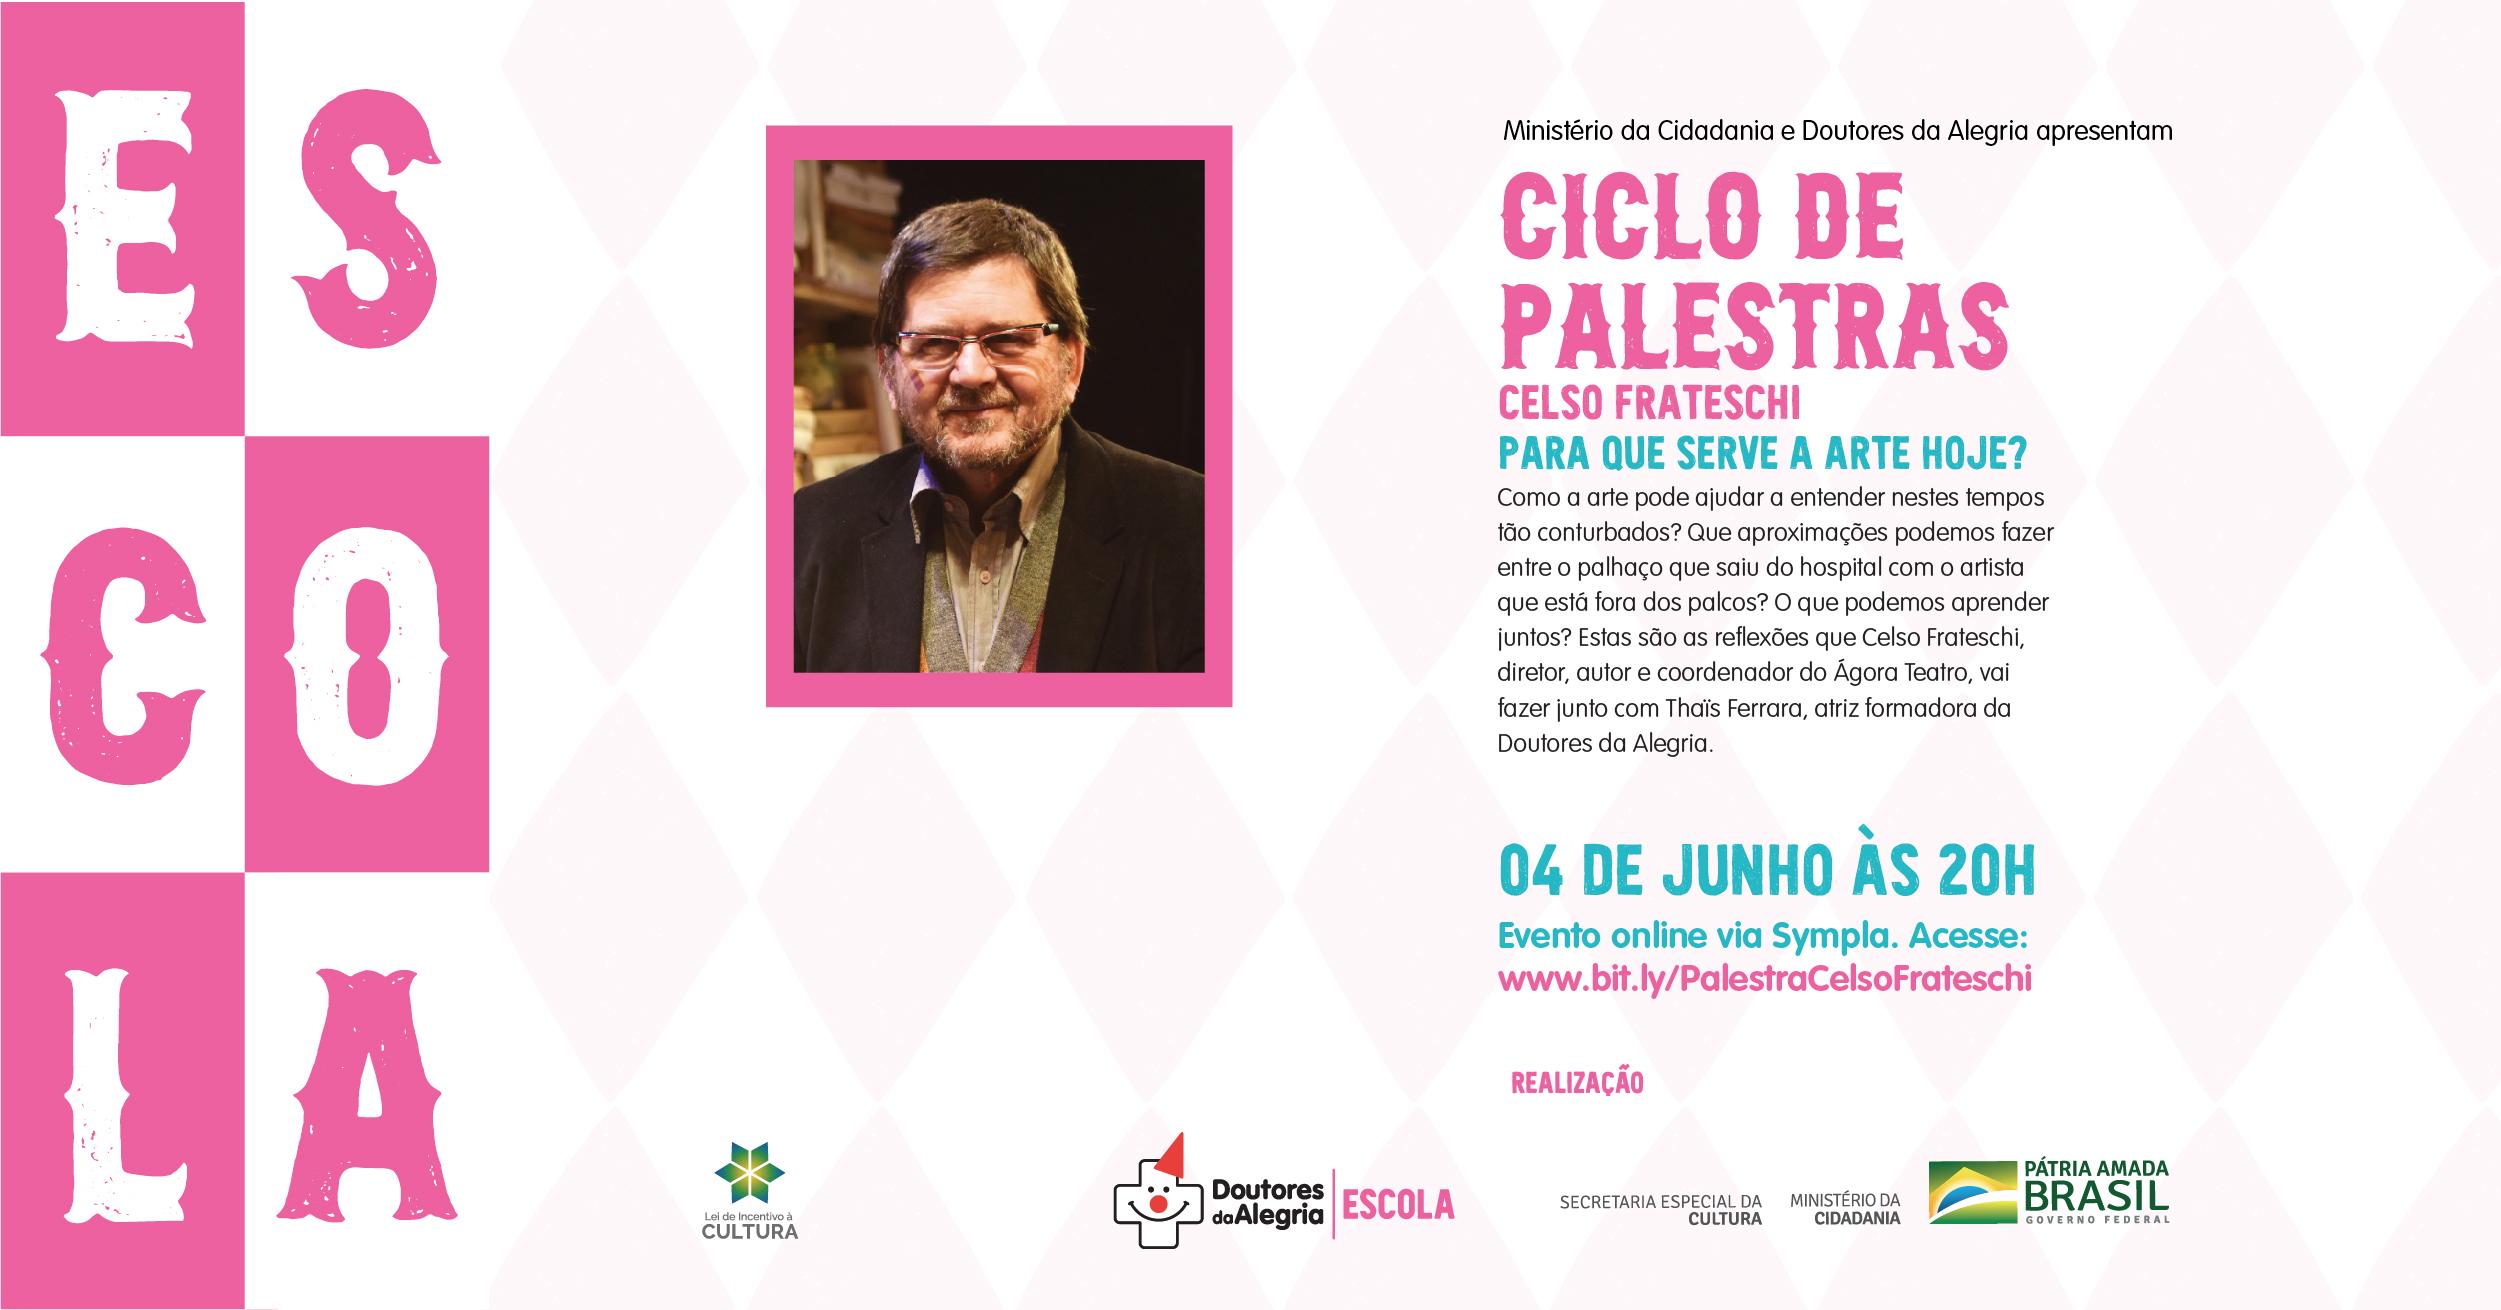 Escola convida Celso Frateschi para palestra on-line no dia 4 de junho